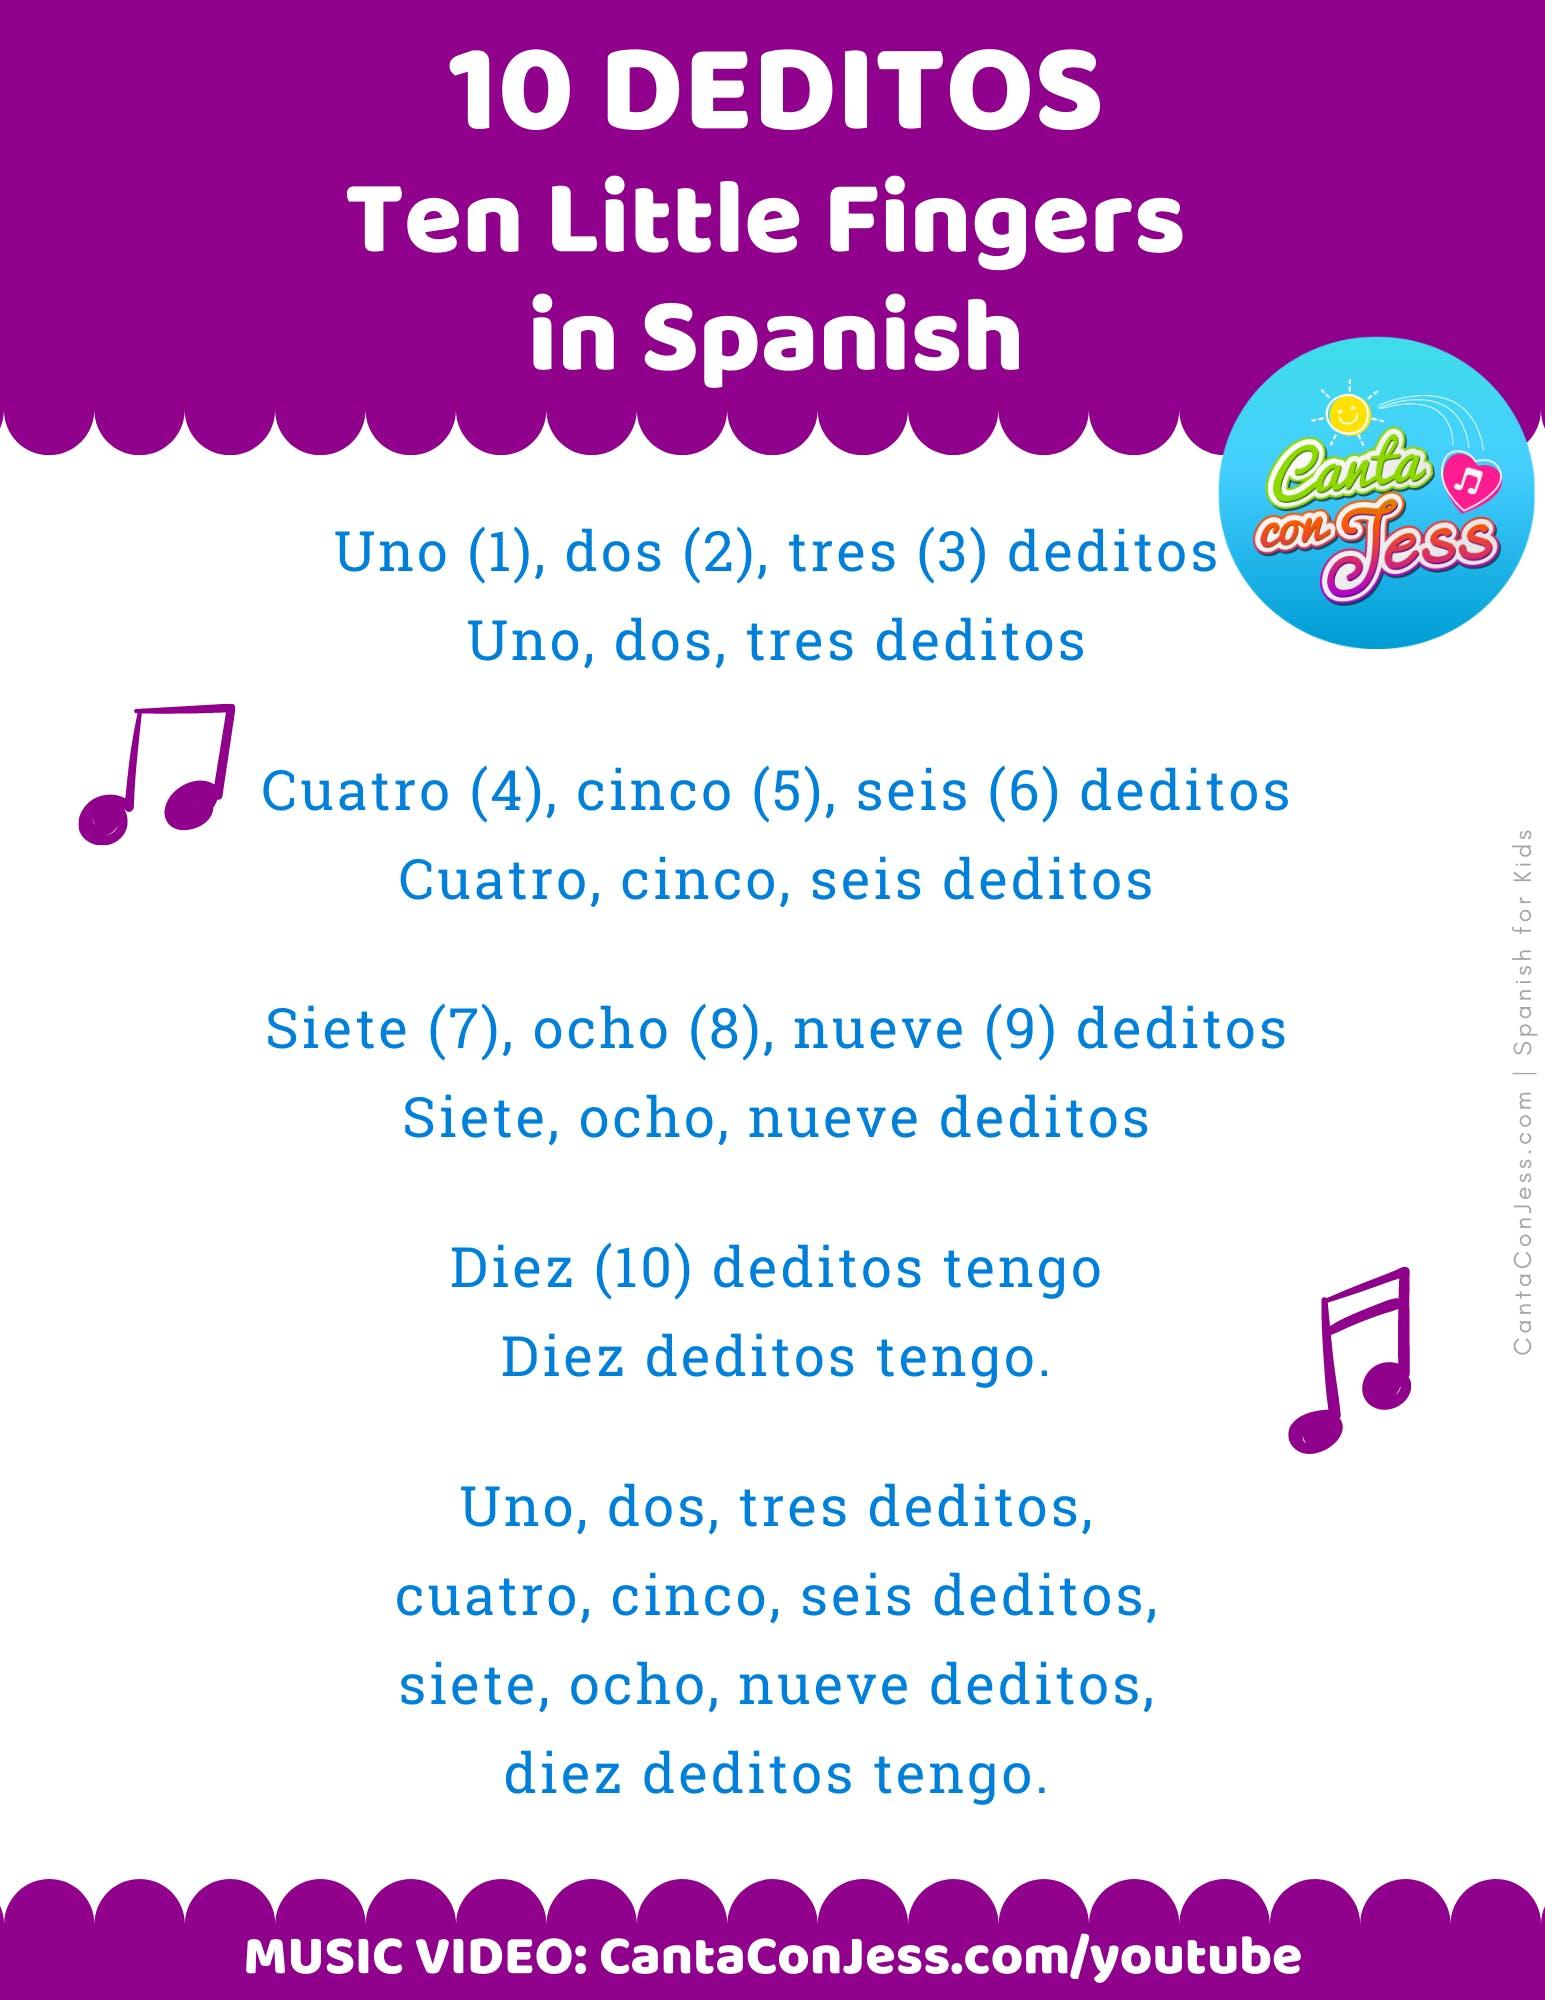 Ten Little Fingers Song in Spanish LYRICS - 10 (Diez) Deditos - Spanish Songs for Kids